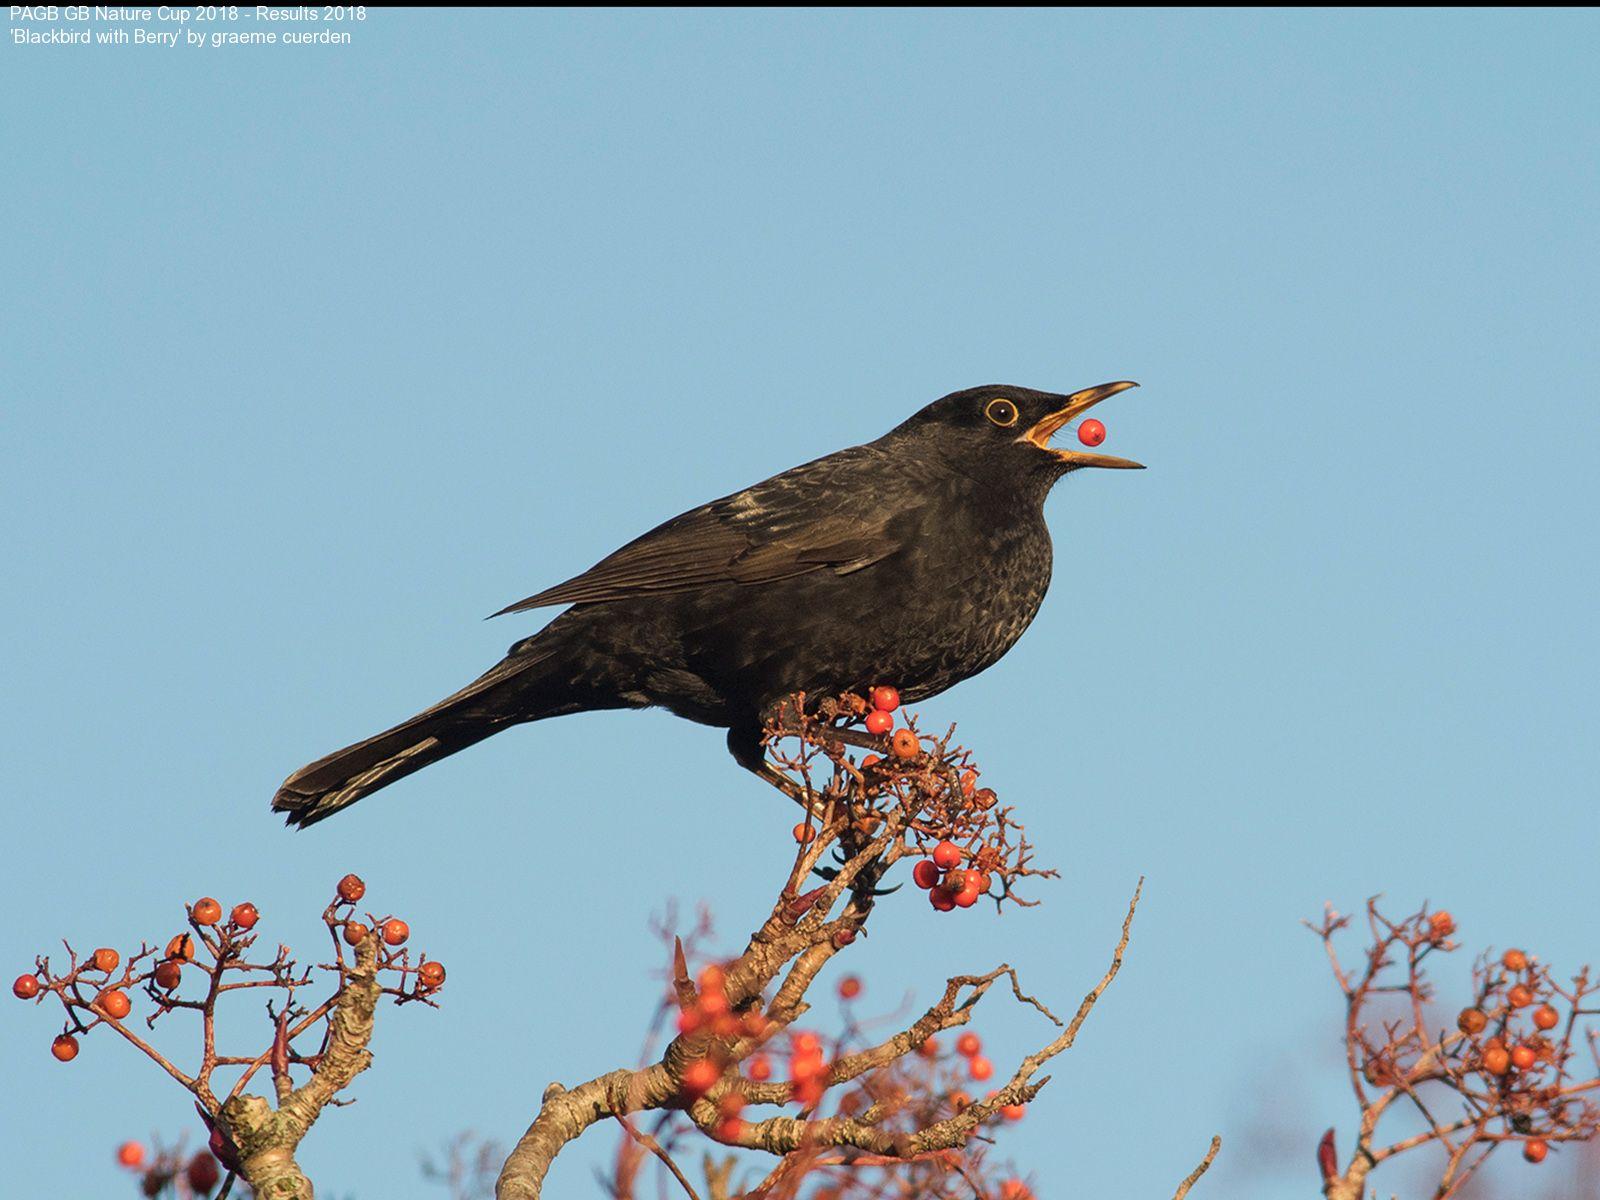 9382_graeme cuerden_Blackbird with Berry